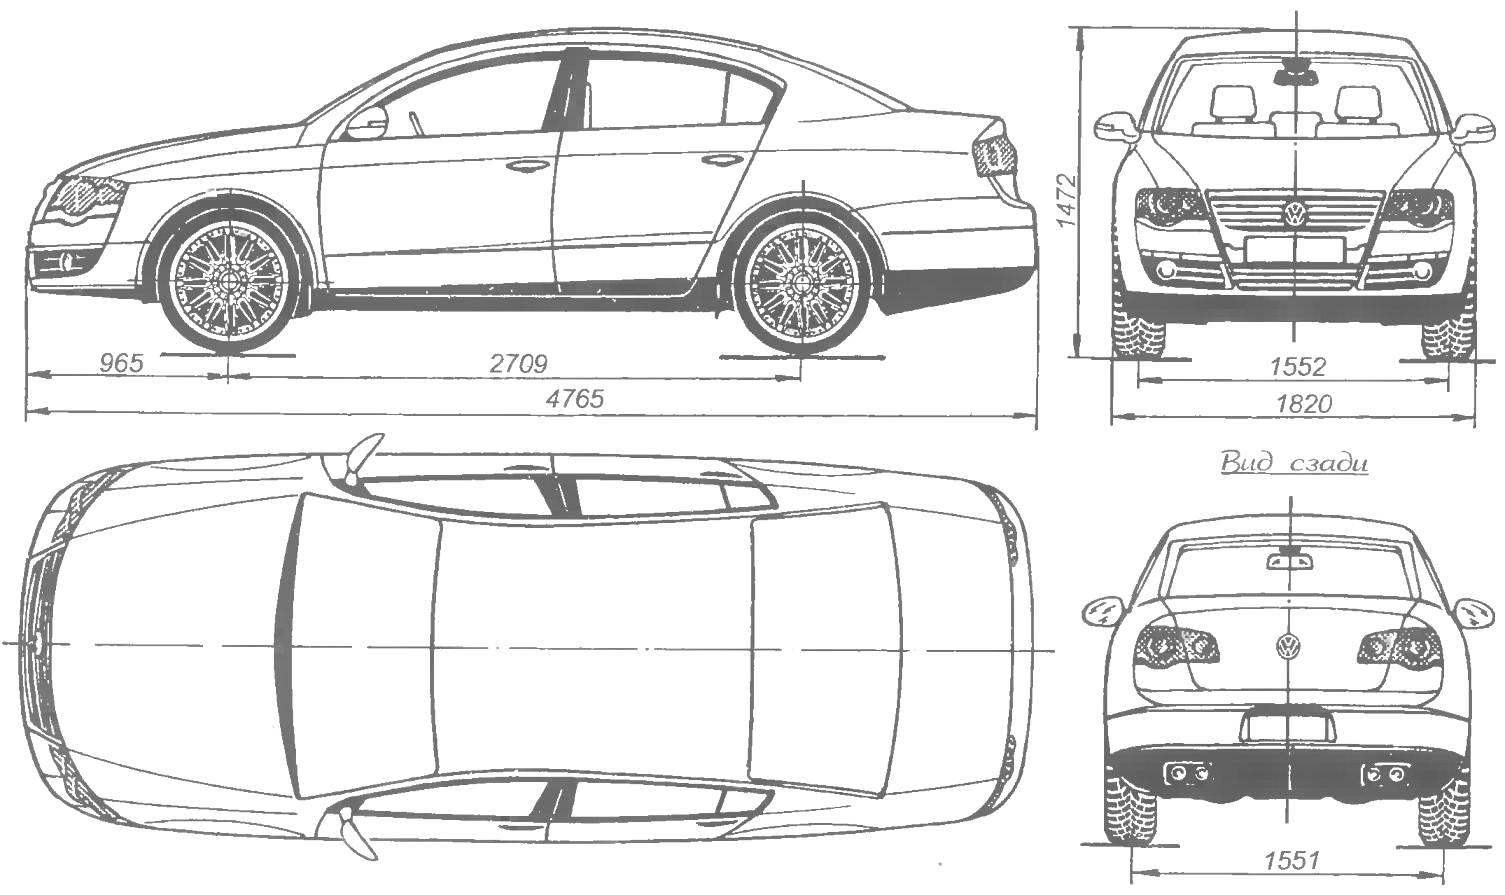 Геометрическая схема автомобиля VW PASSAT выпуска 2005 года